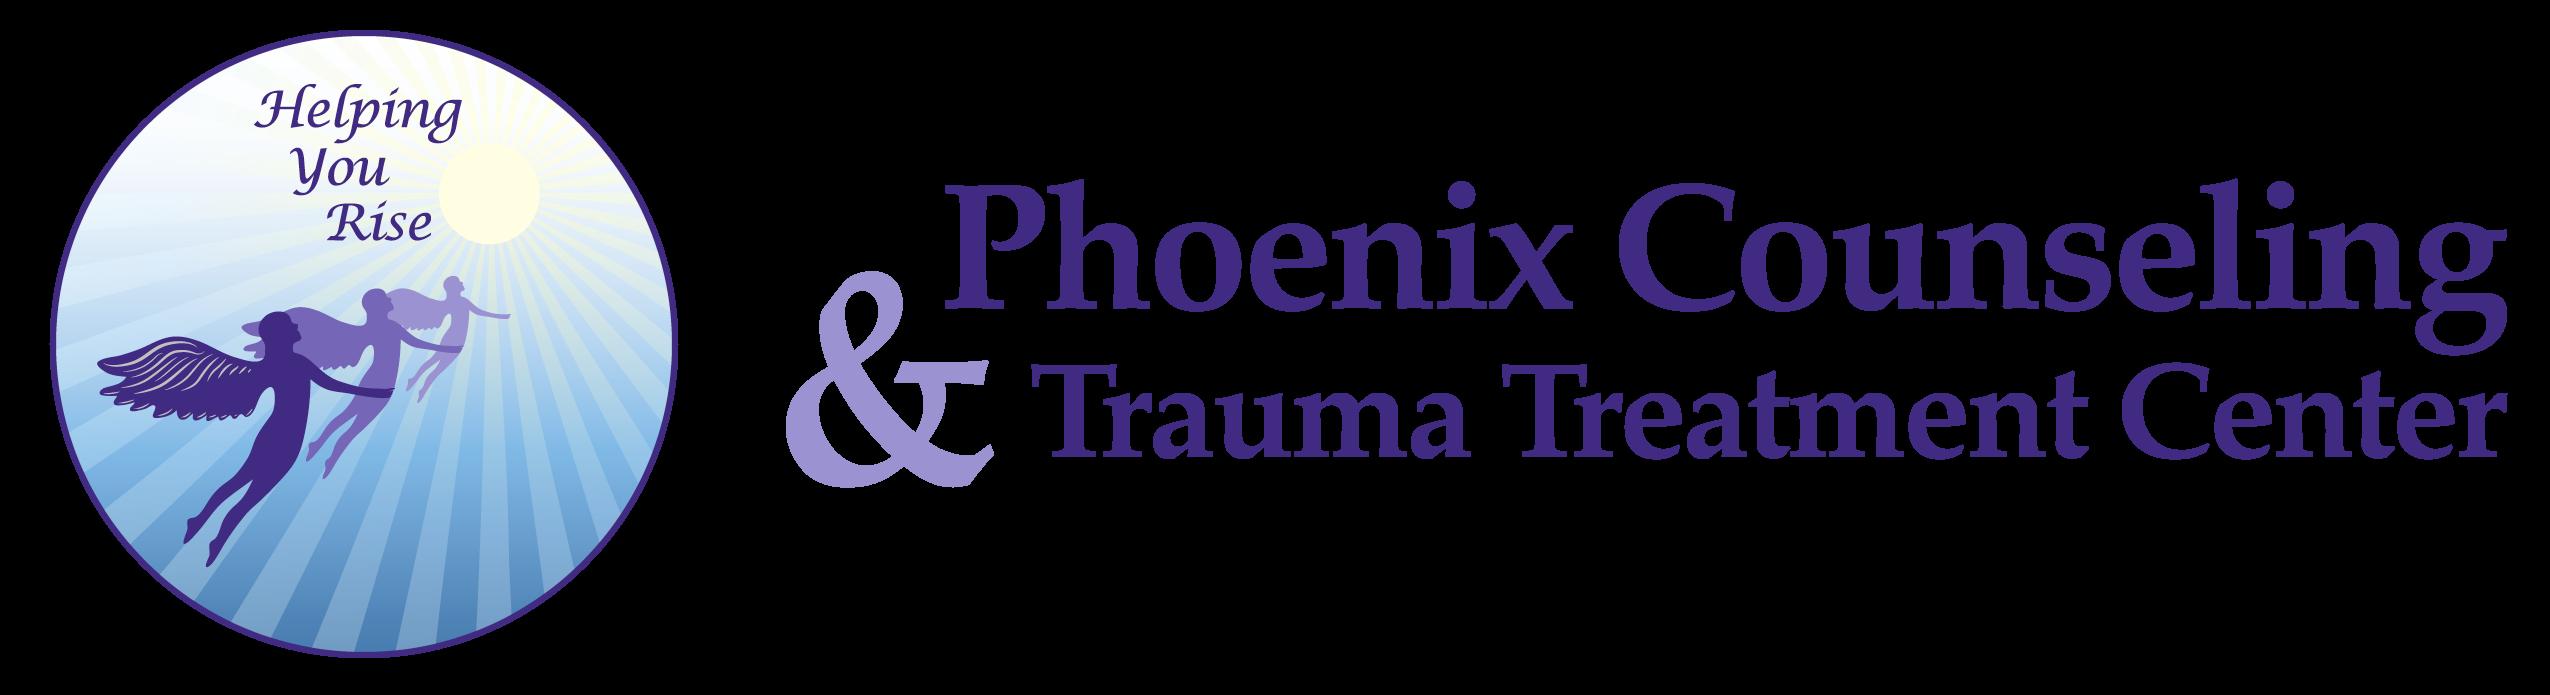 Phoenix Counseling & Trauma Treatment Center